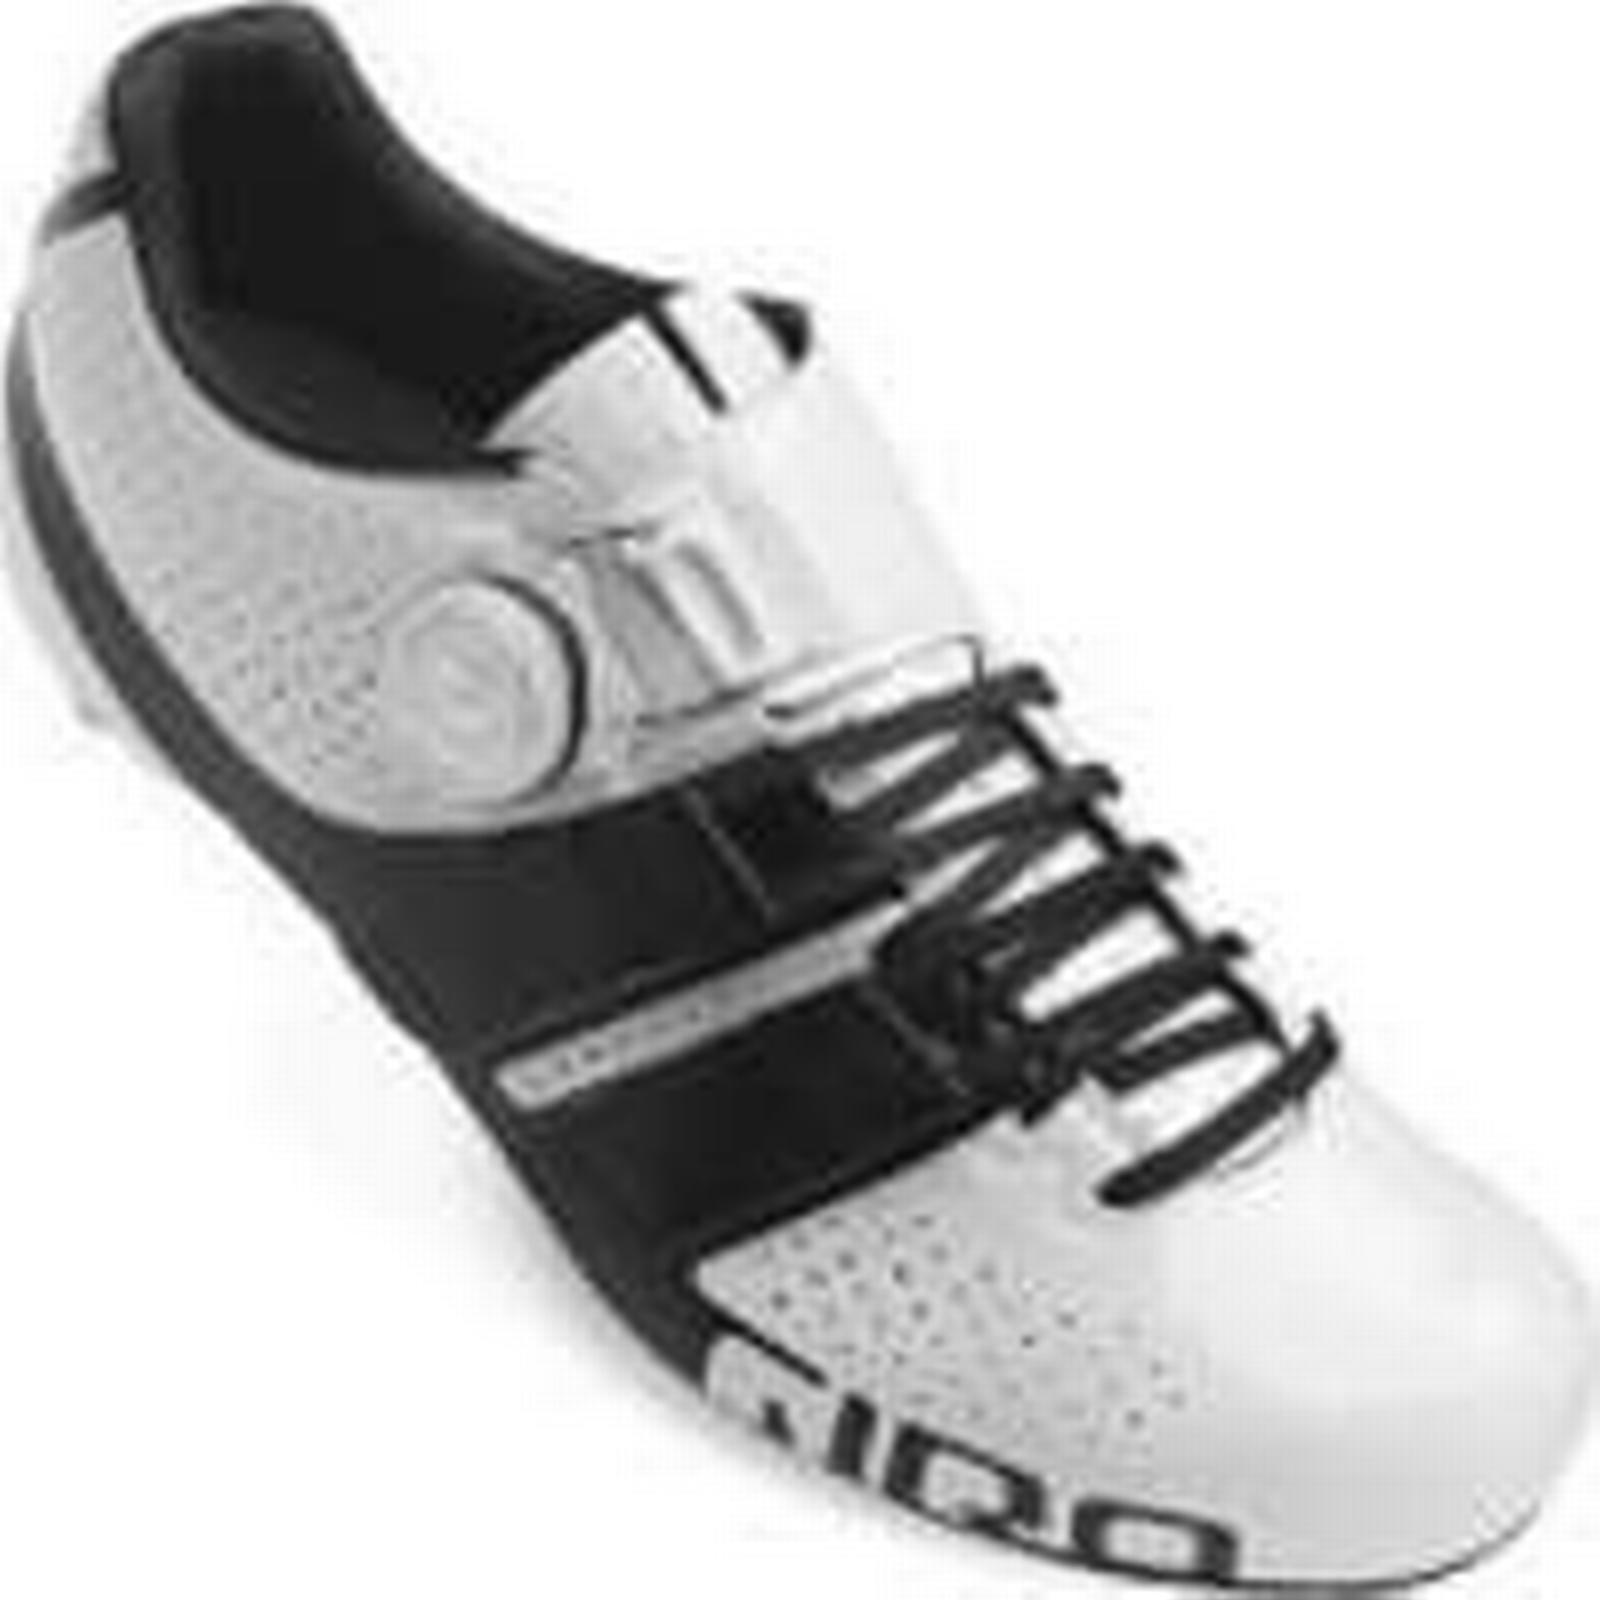 Giro Factress - Women's Road Cycling Shoes - Factress White/Black - EU 38/UK 5 - White c2628c